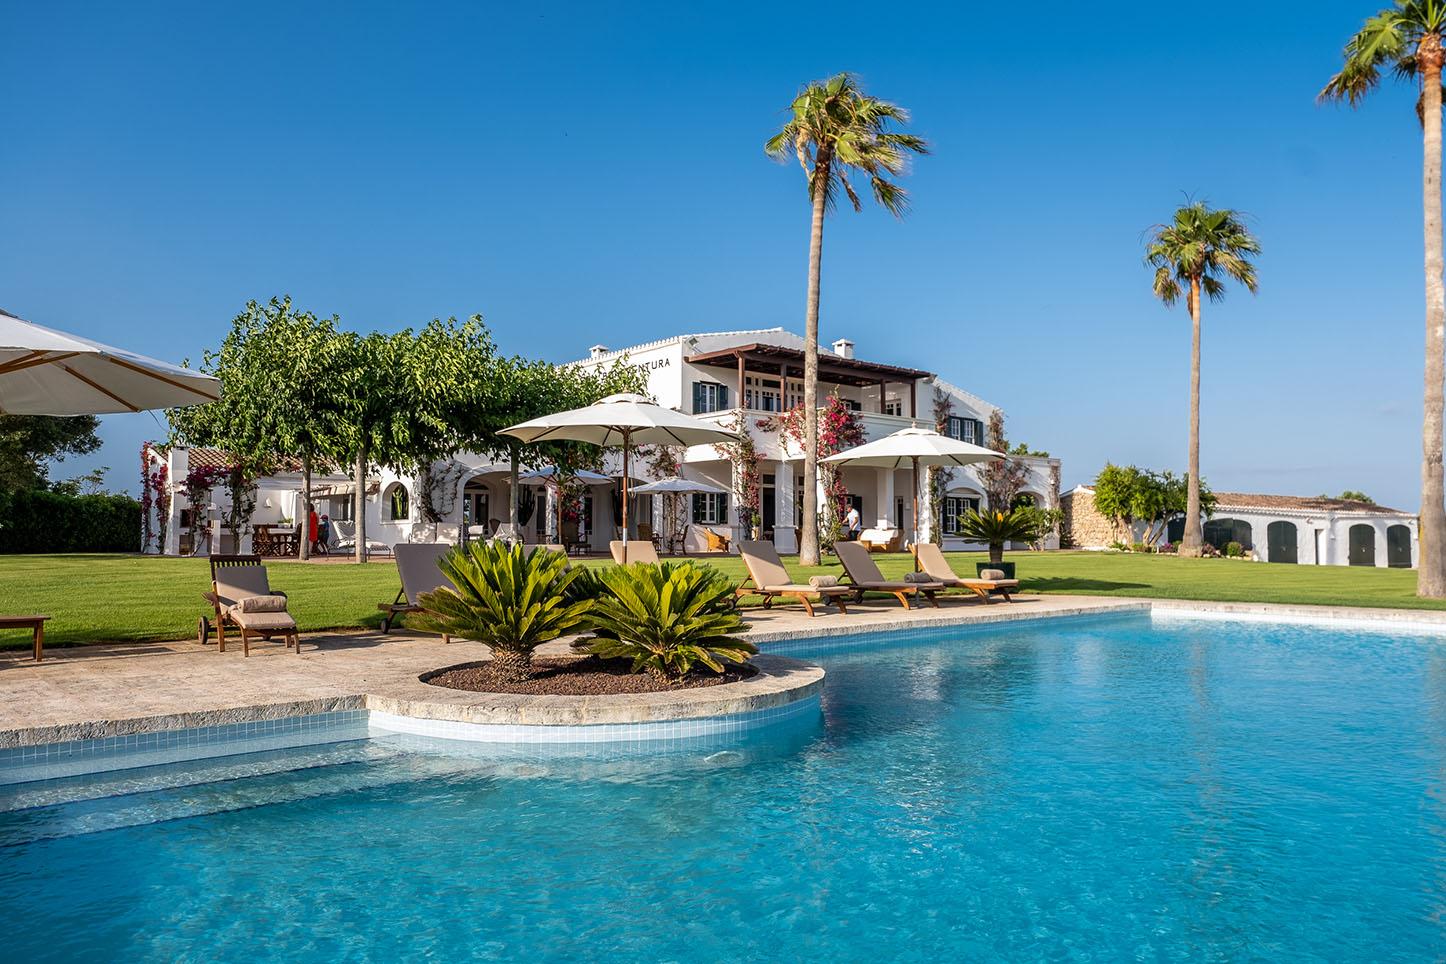 Villa de luxe ultra à louer à Minorque. Les invités passés incluent Michelle Obama.